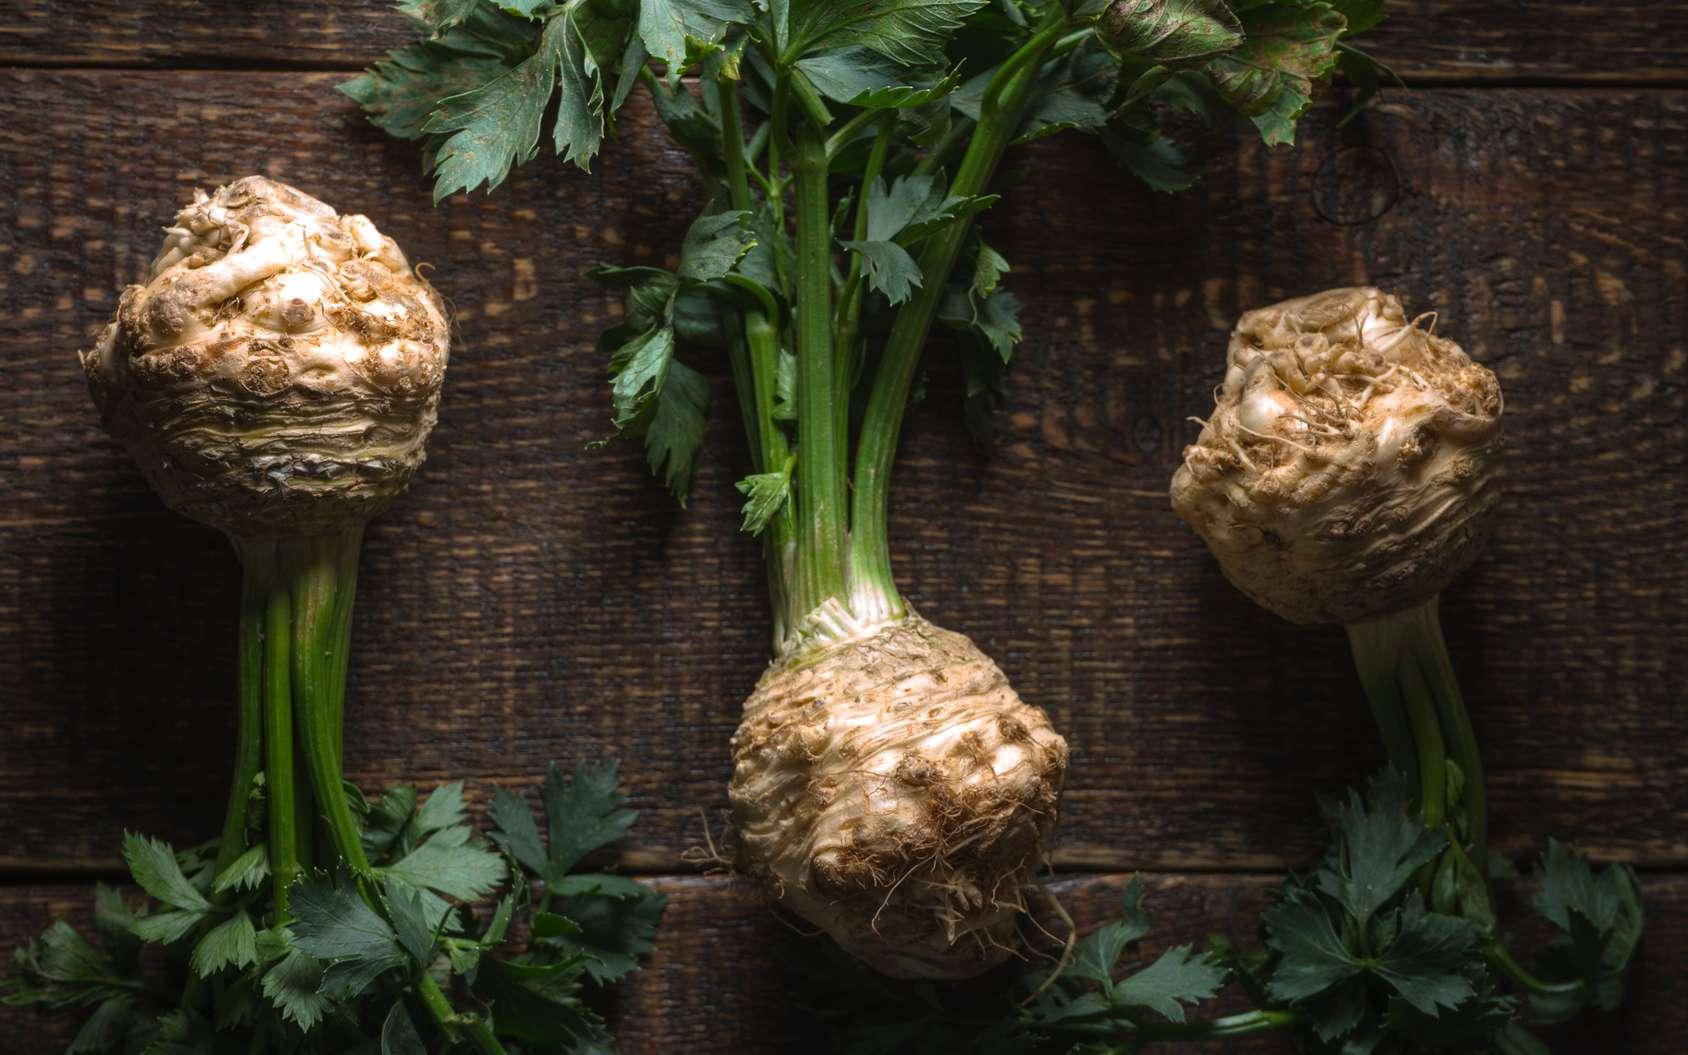 Tout se mange dans le céleri, cuit ou cru. Il est l'atout minceur et plein de vitamines. © deniskarpenkov, Fotolia